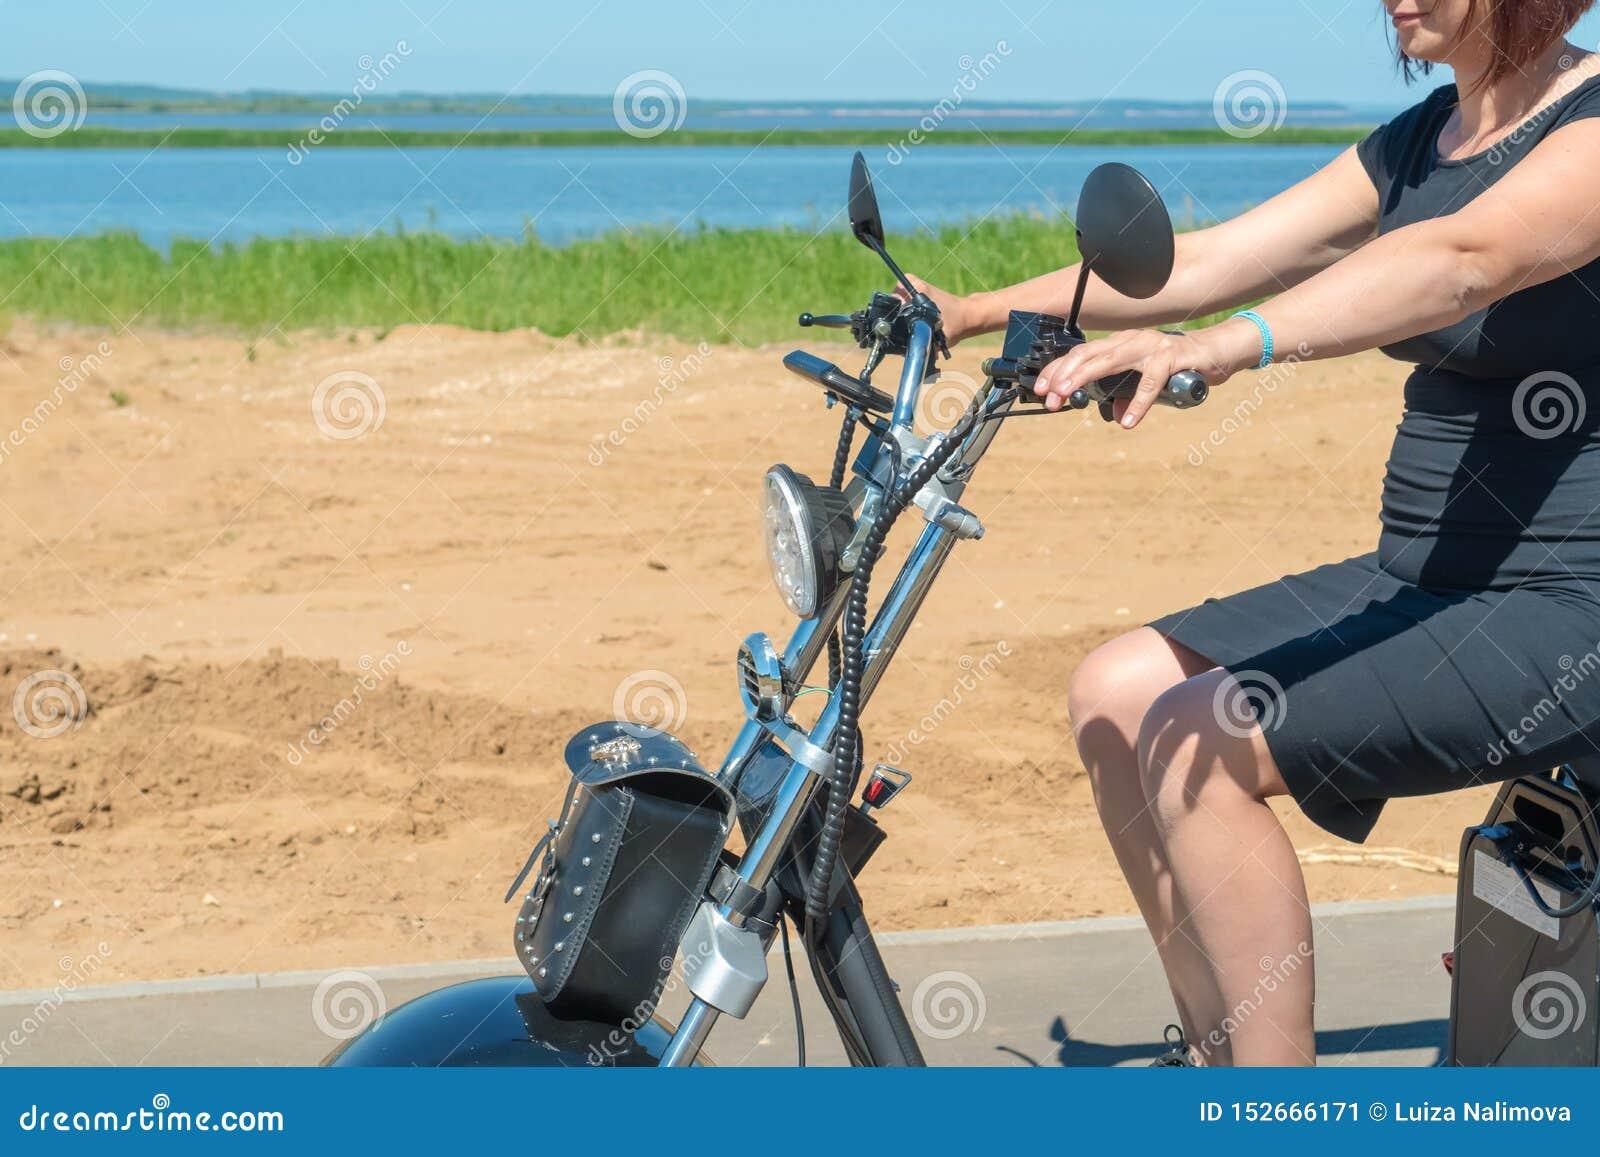 Een jong meisje in een zwarte kleding met rood haar die haar three-wheeled elektrische motorfiets langs het strand op een zonnige